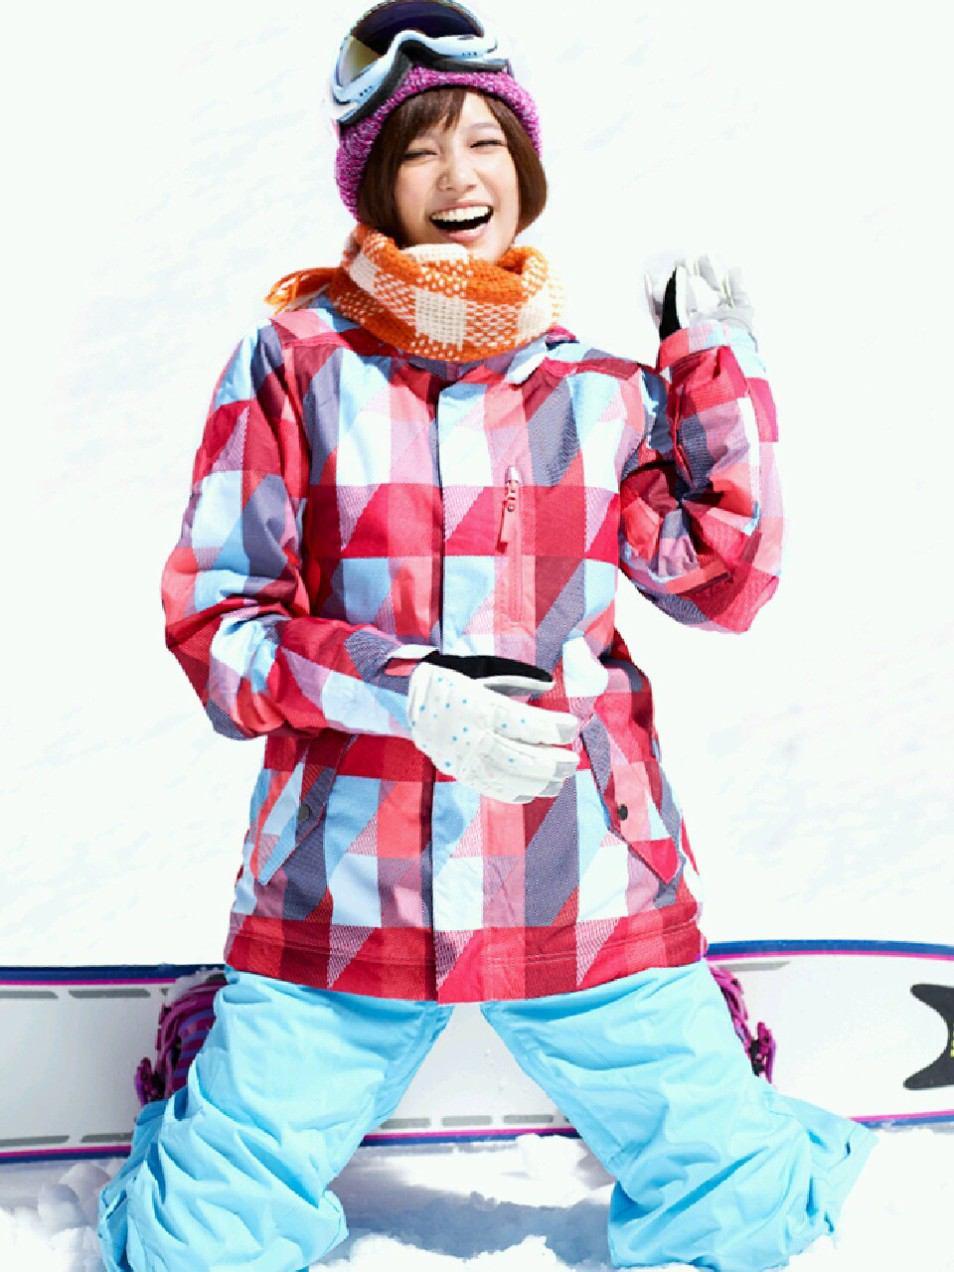 本田翼 Tsubasa Honda JR Ski Ski Images 2